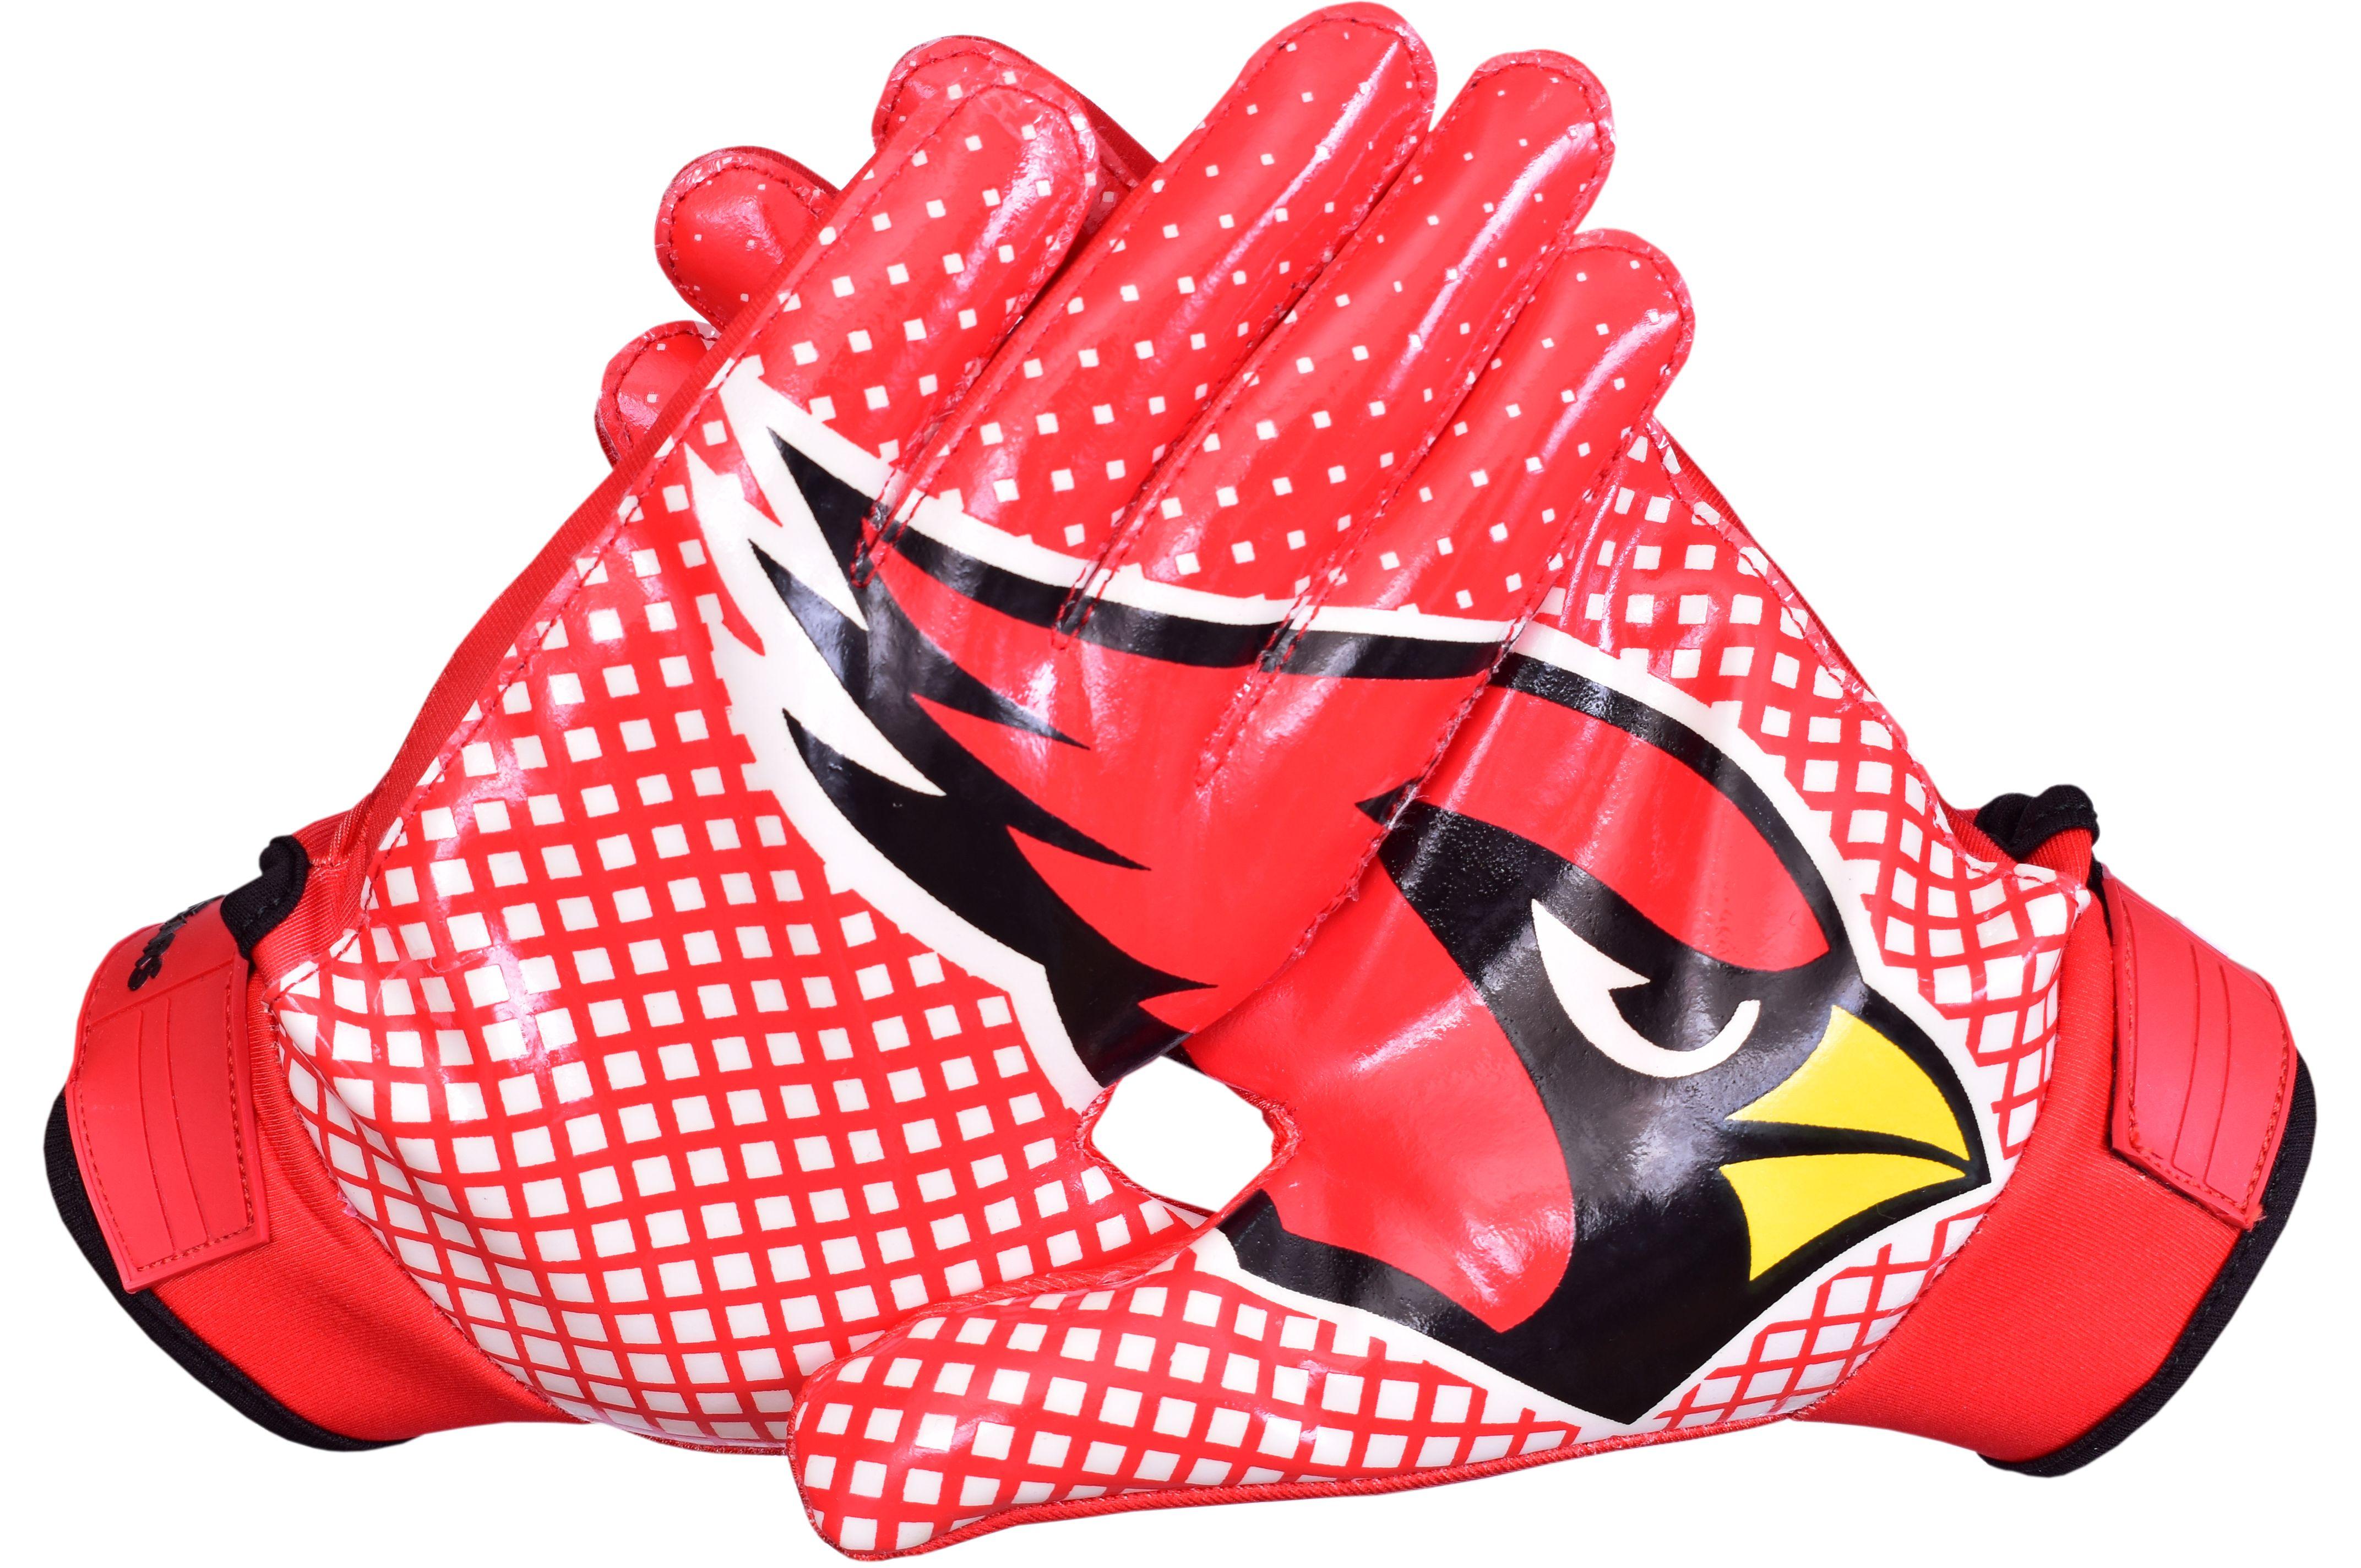 Arizona cardinals football gloves silicon grip receiver